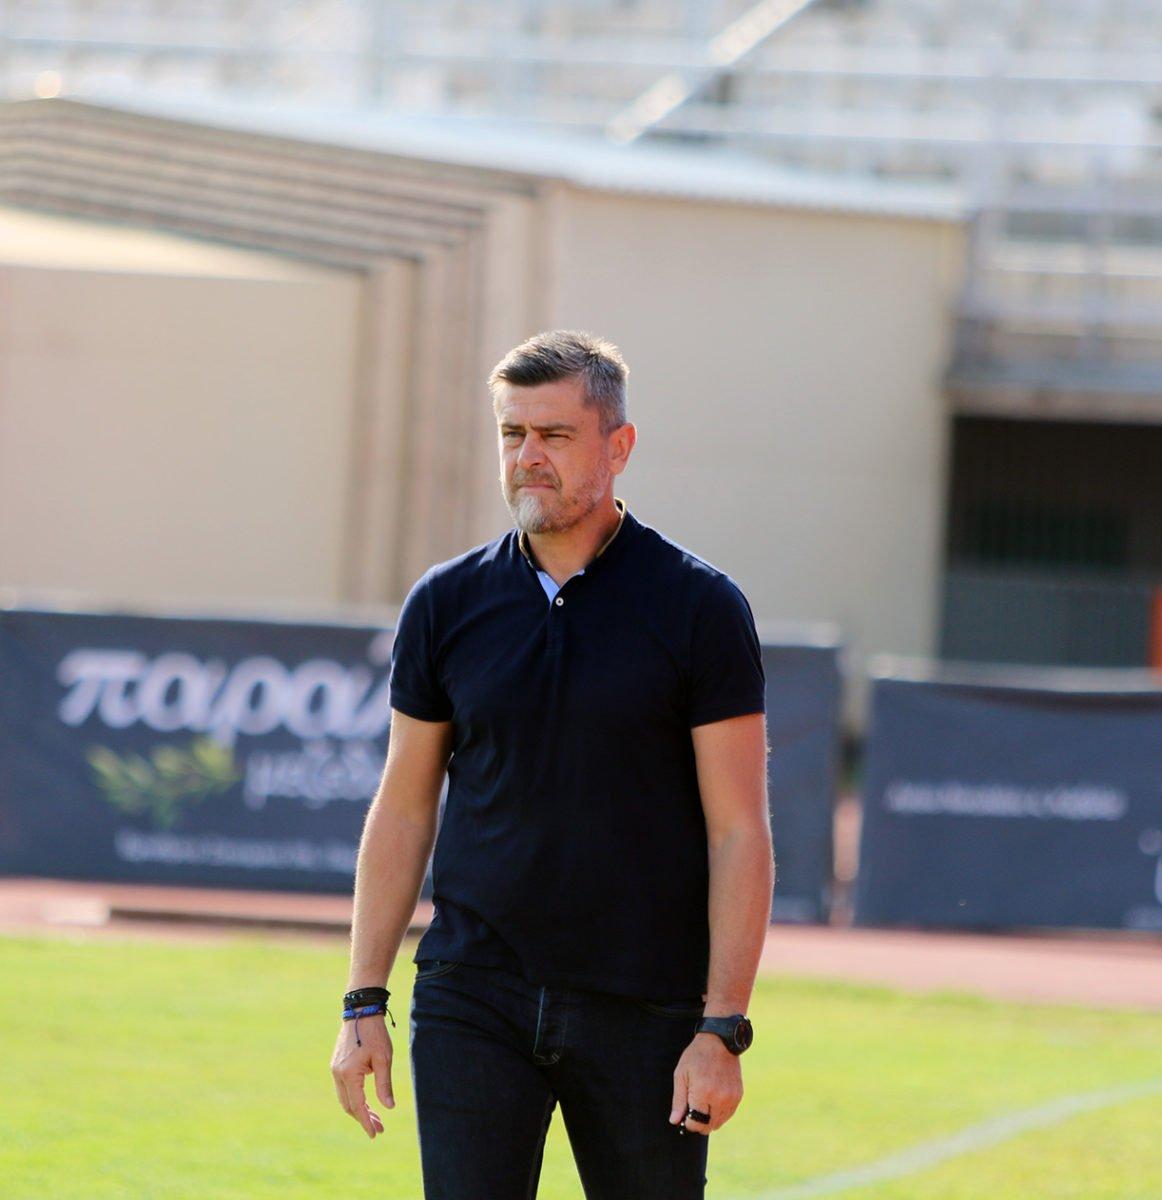 Παύλος Δερμιτζάκης: «Τιμή και δόξα στον φίλαθλο κόσμο μας που ήρθε στο γήπεδο και μας στήριξε»